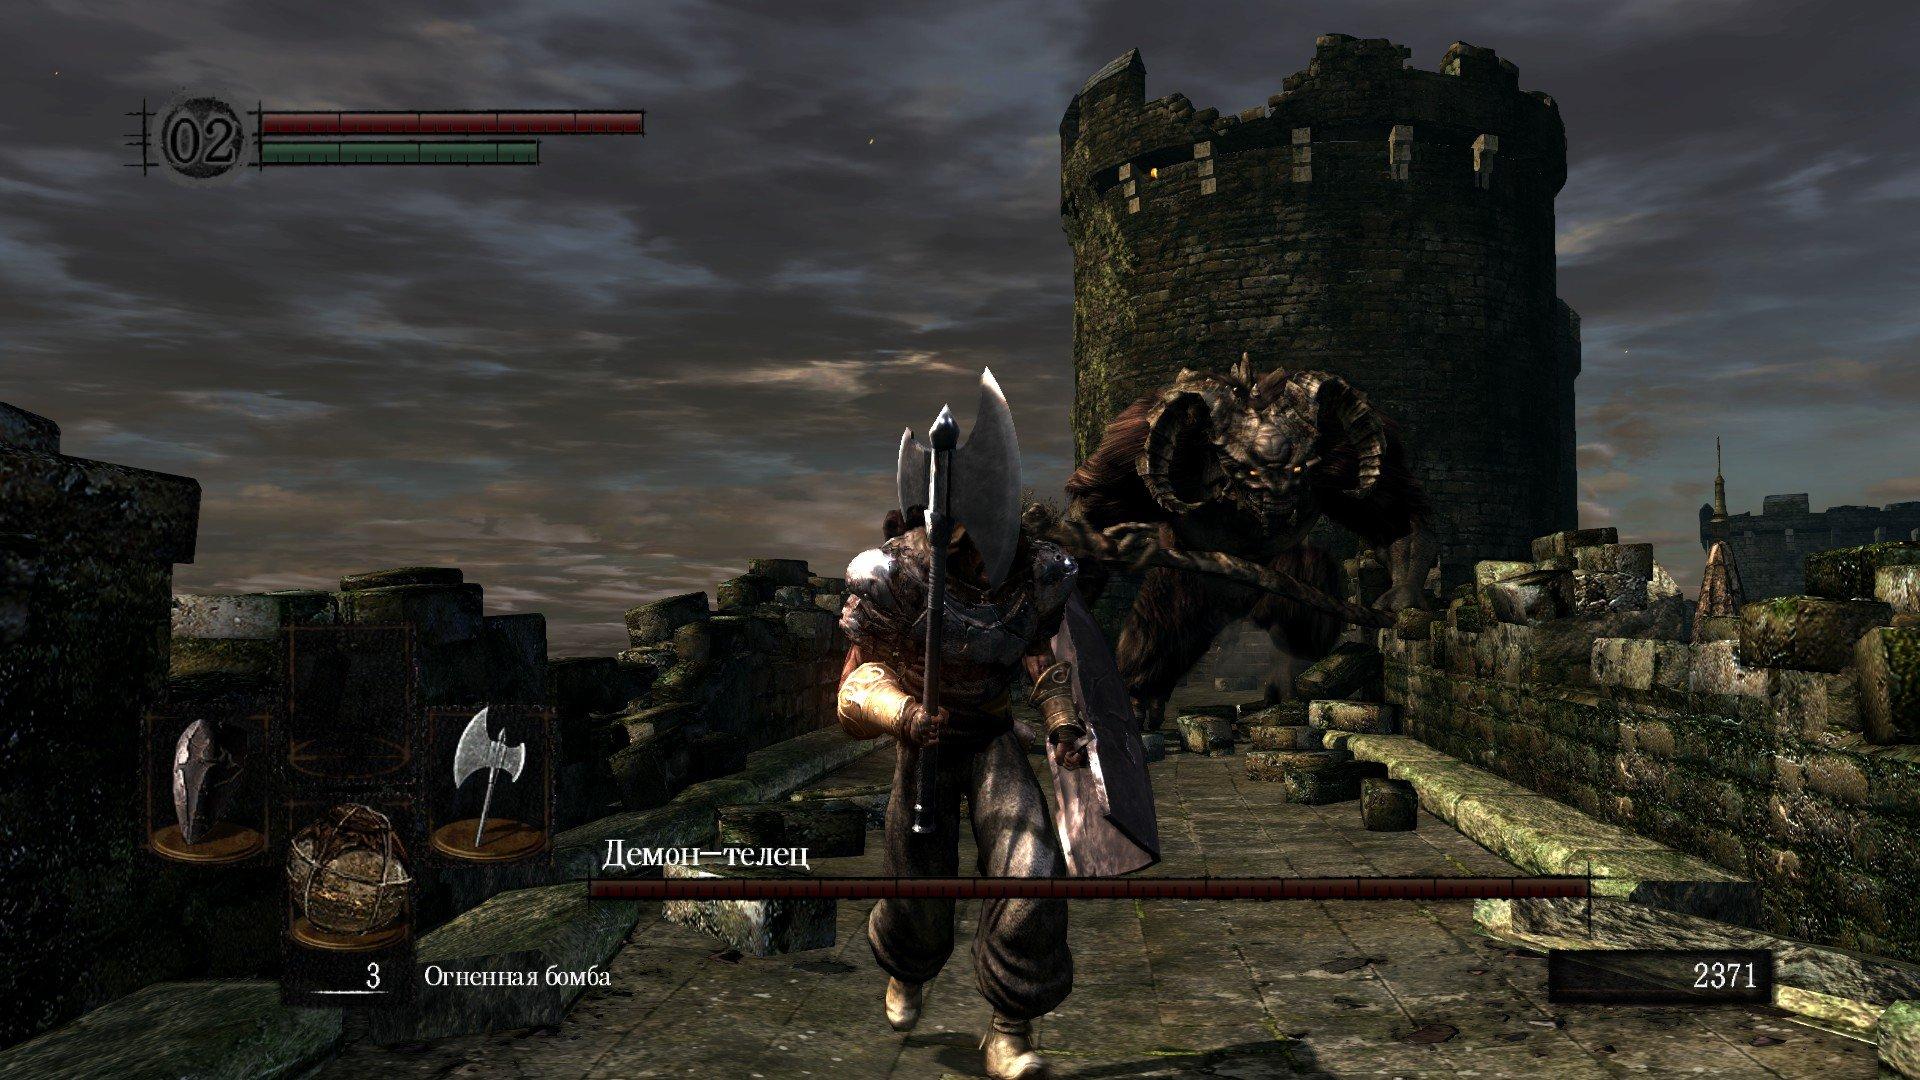 Вопль-прохождение Dark Souls часть 1 (ЗАПИСЬ) ... еще не решил, как это называть! - Изображение 9